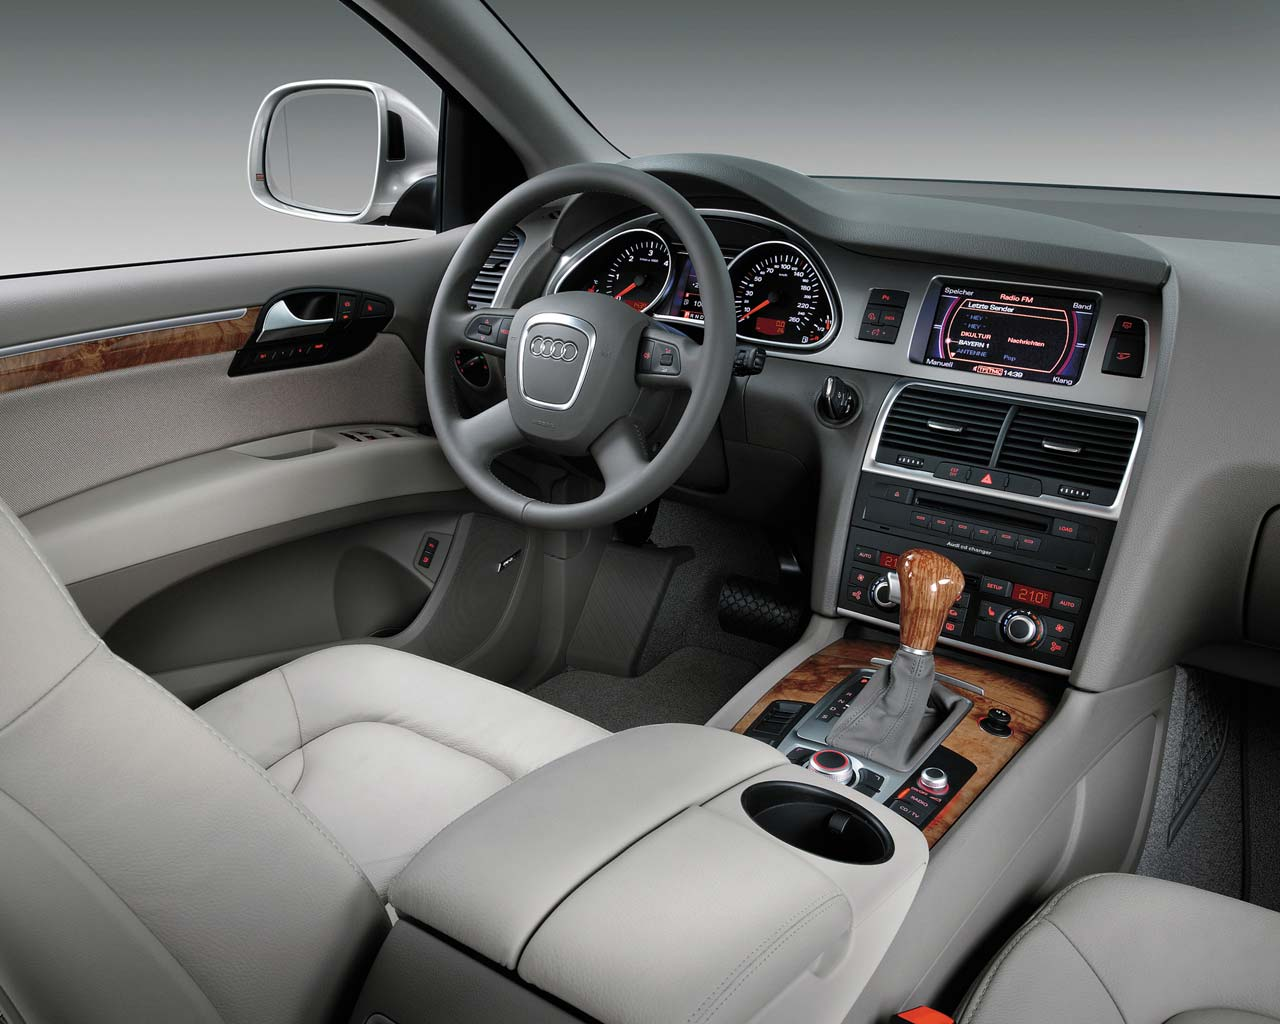 2007 Audi Q7 Pictures Cargurus